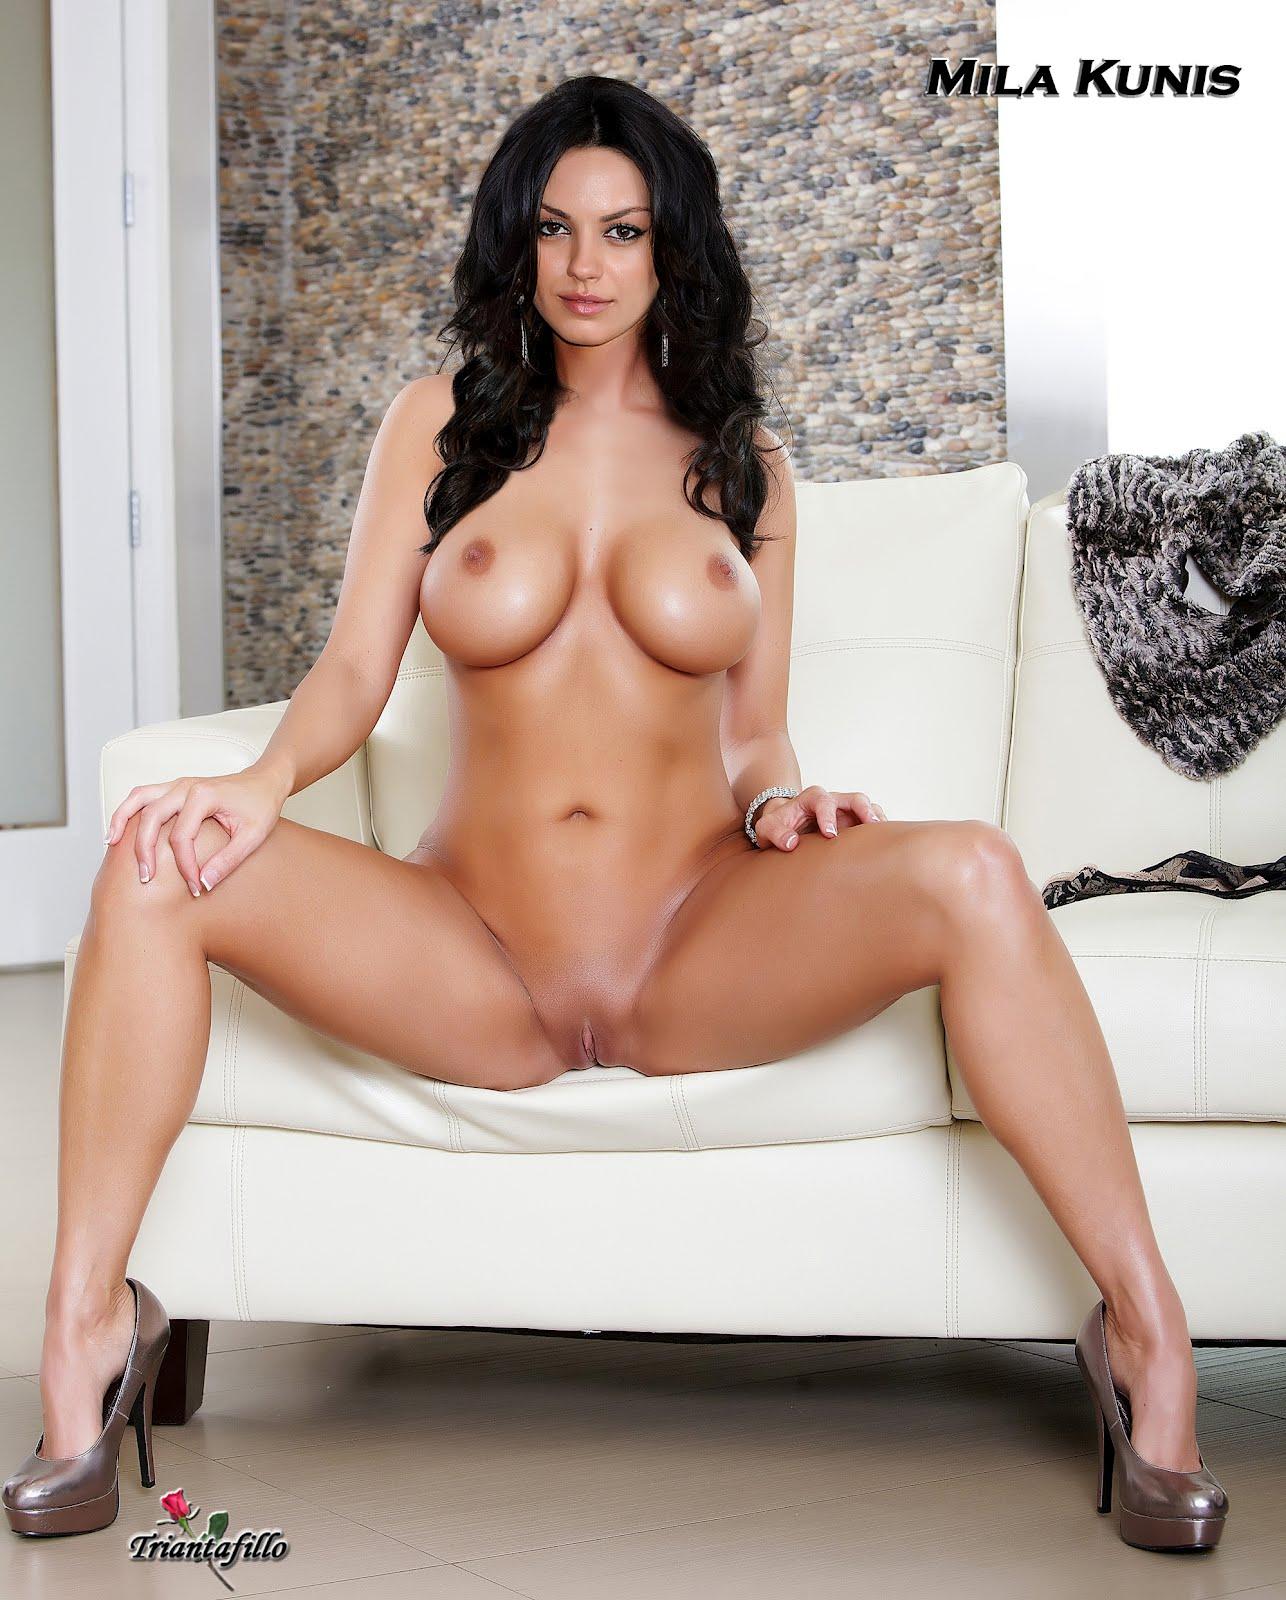 http://3.bp.blogspot.com/-FrXtcSUjkWg/T9nqLmbN6WI/AAAAAAAABkE/pw5OmCxLlxc/s1600/614168728_Mila_Kunis_123_750lo.jpg